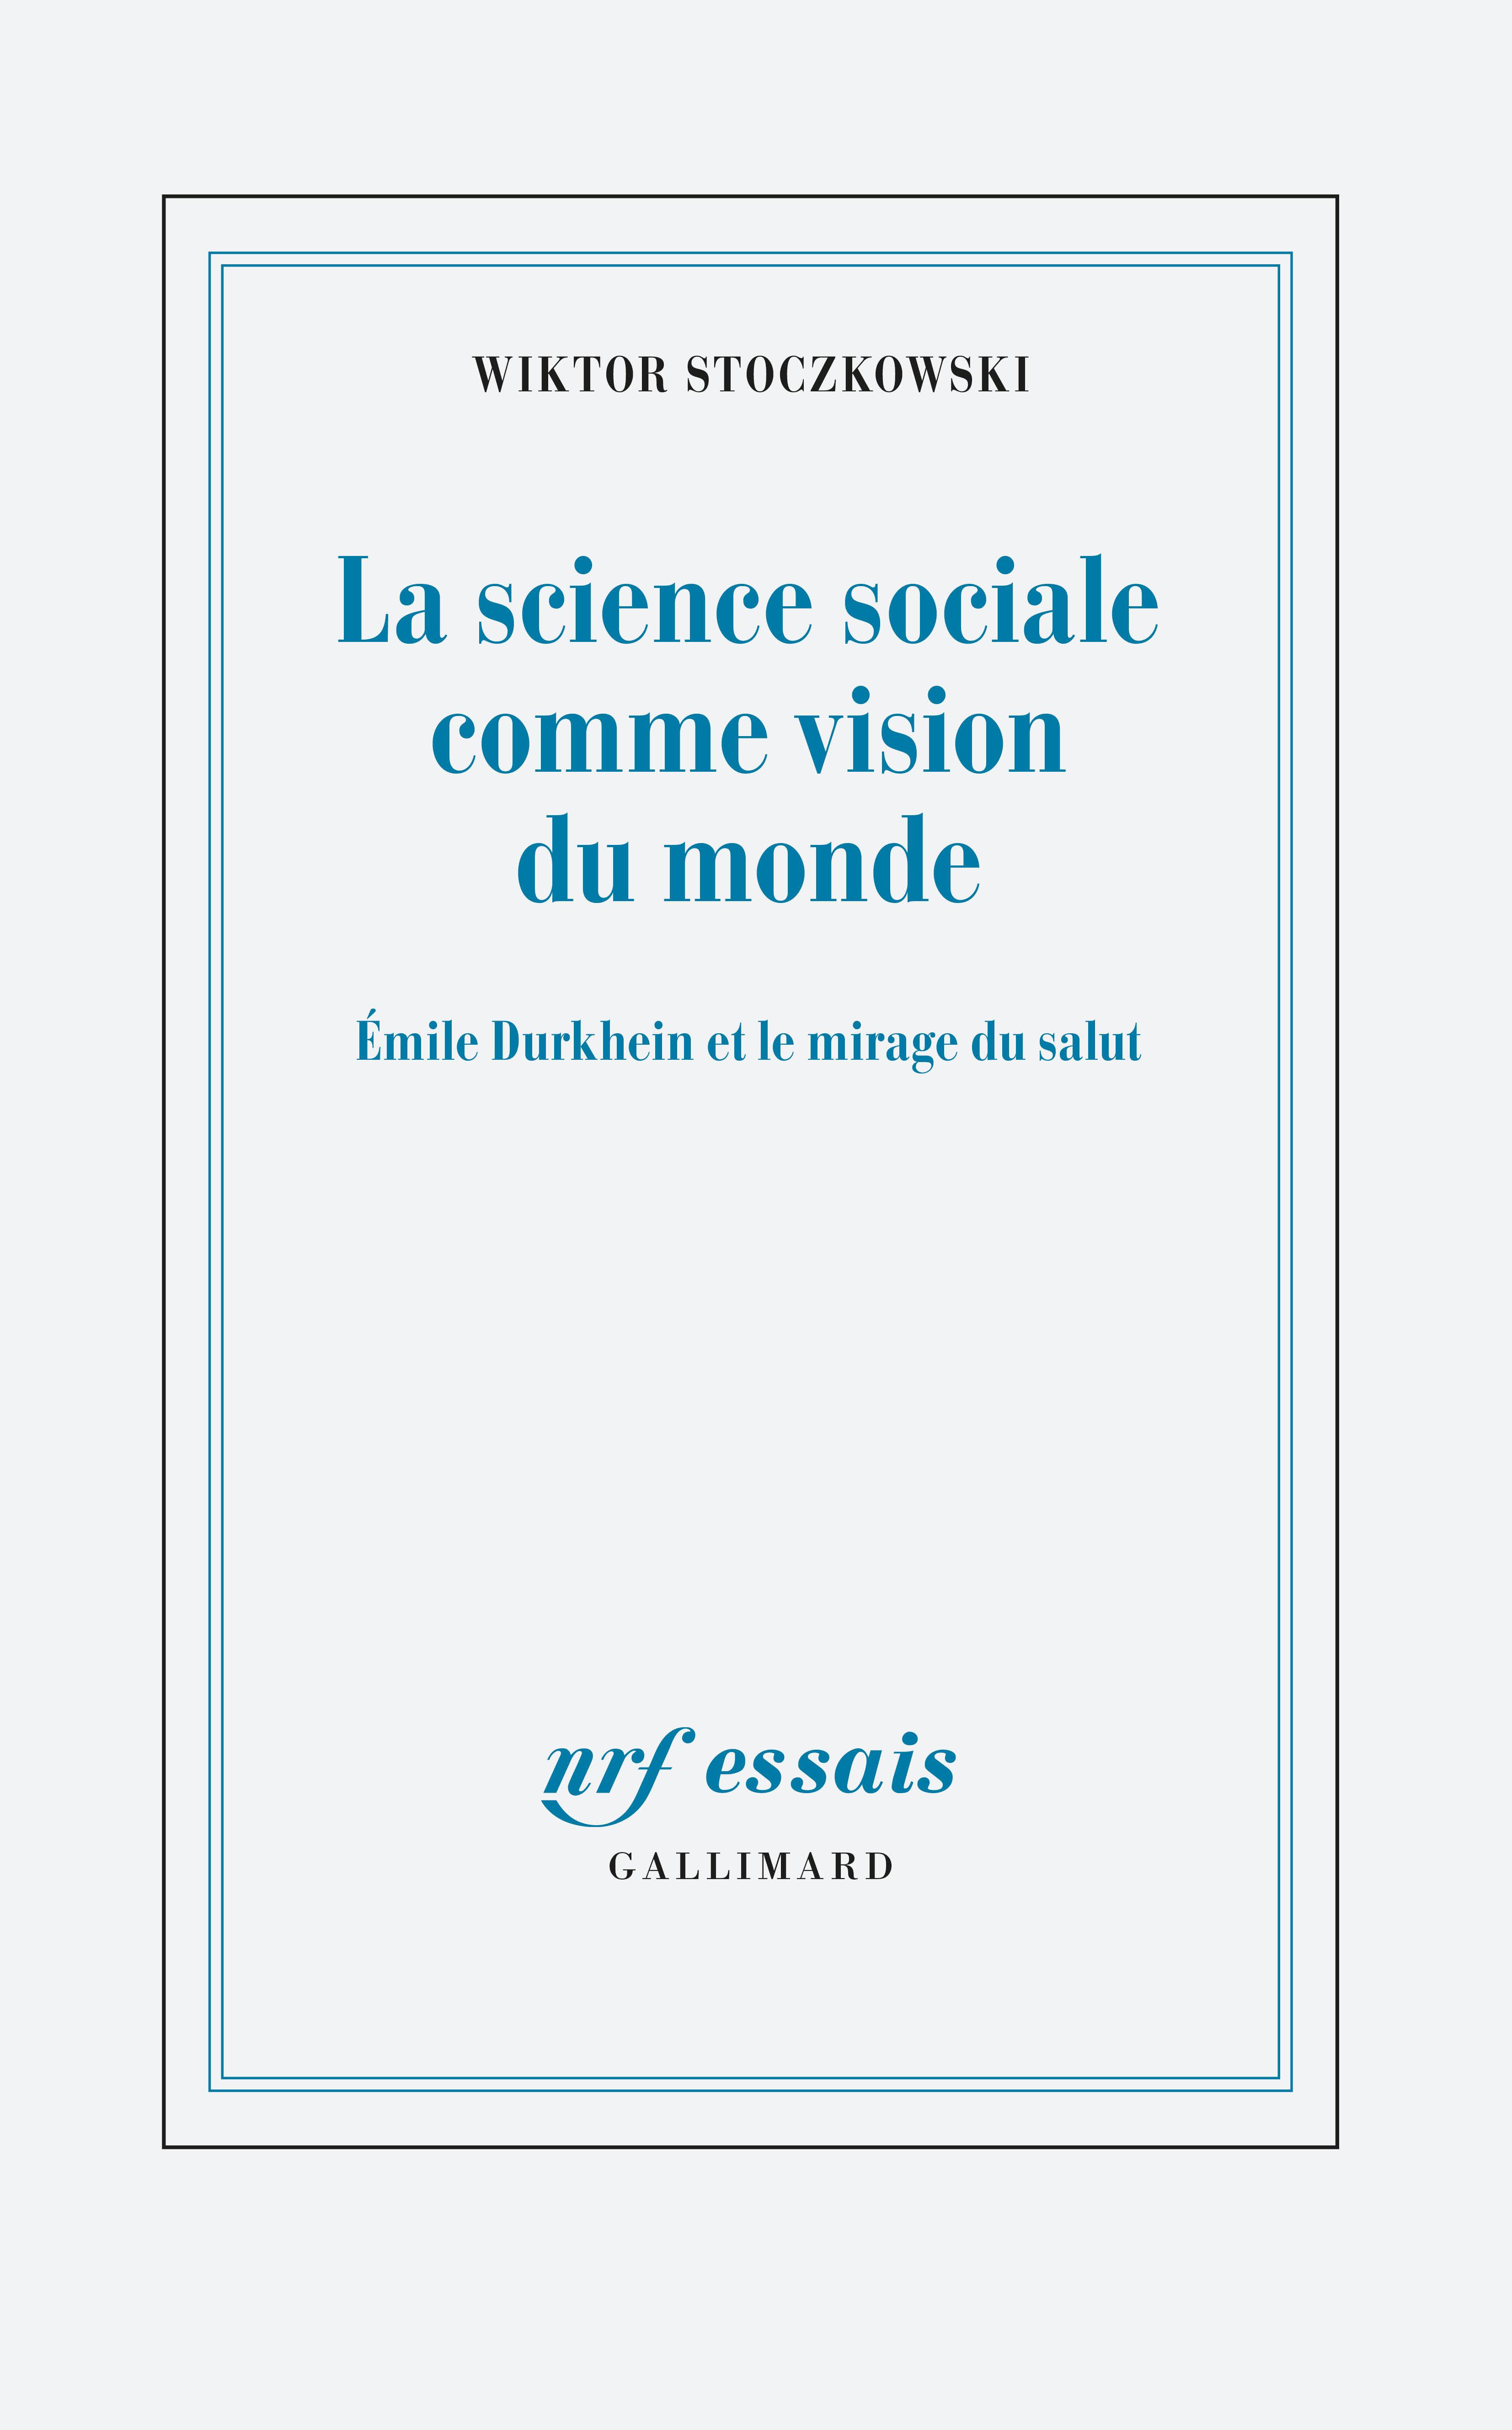 W. Stoczkowski, La science sociale comme vision du monde. Émile Durkheim et le mirage du salut